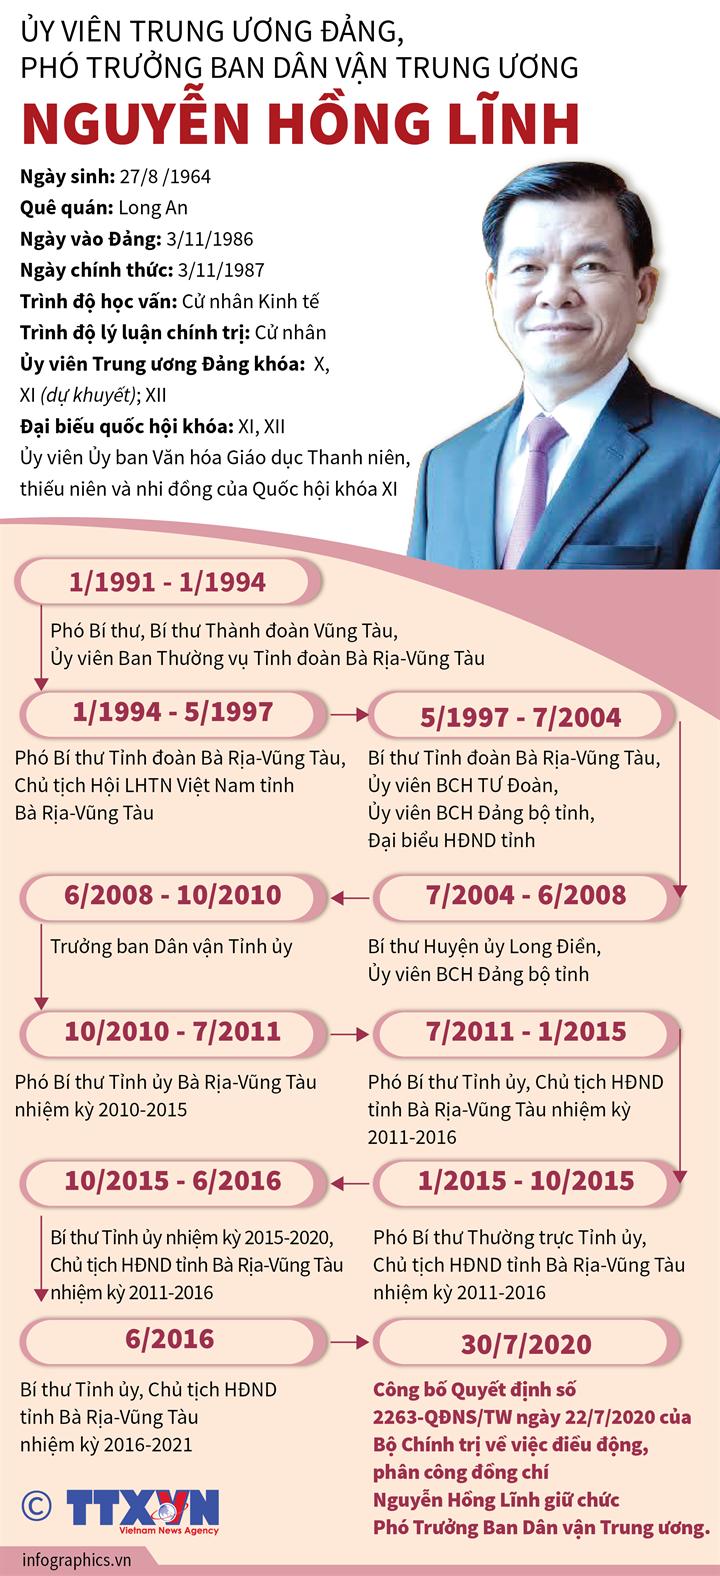 Ủy viên Trung ương Đảng, Phó Trưởng Ban Dân vận Trung ương Nguyễn Hồng Lĩnh